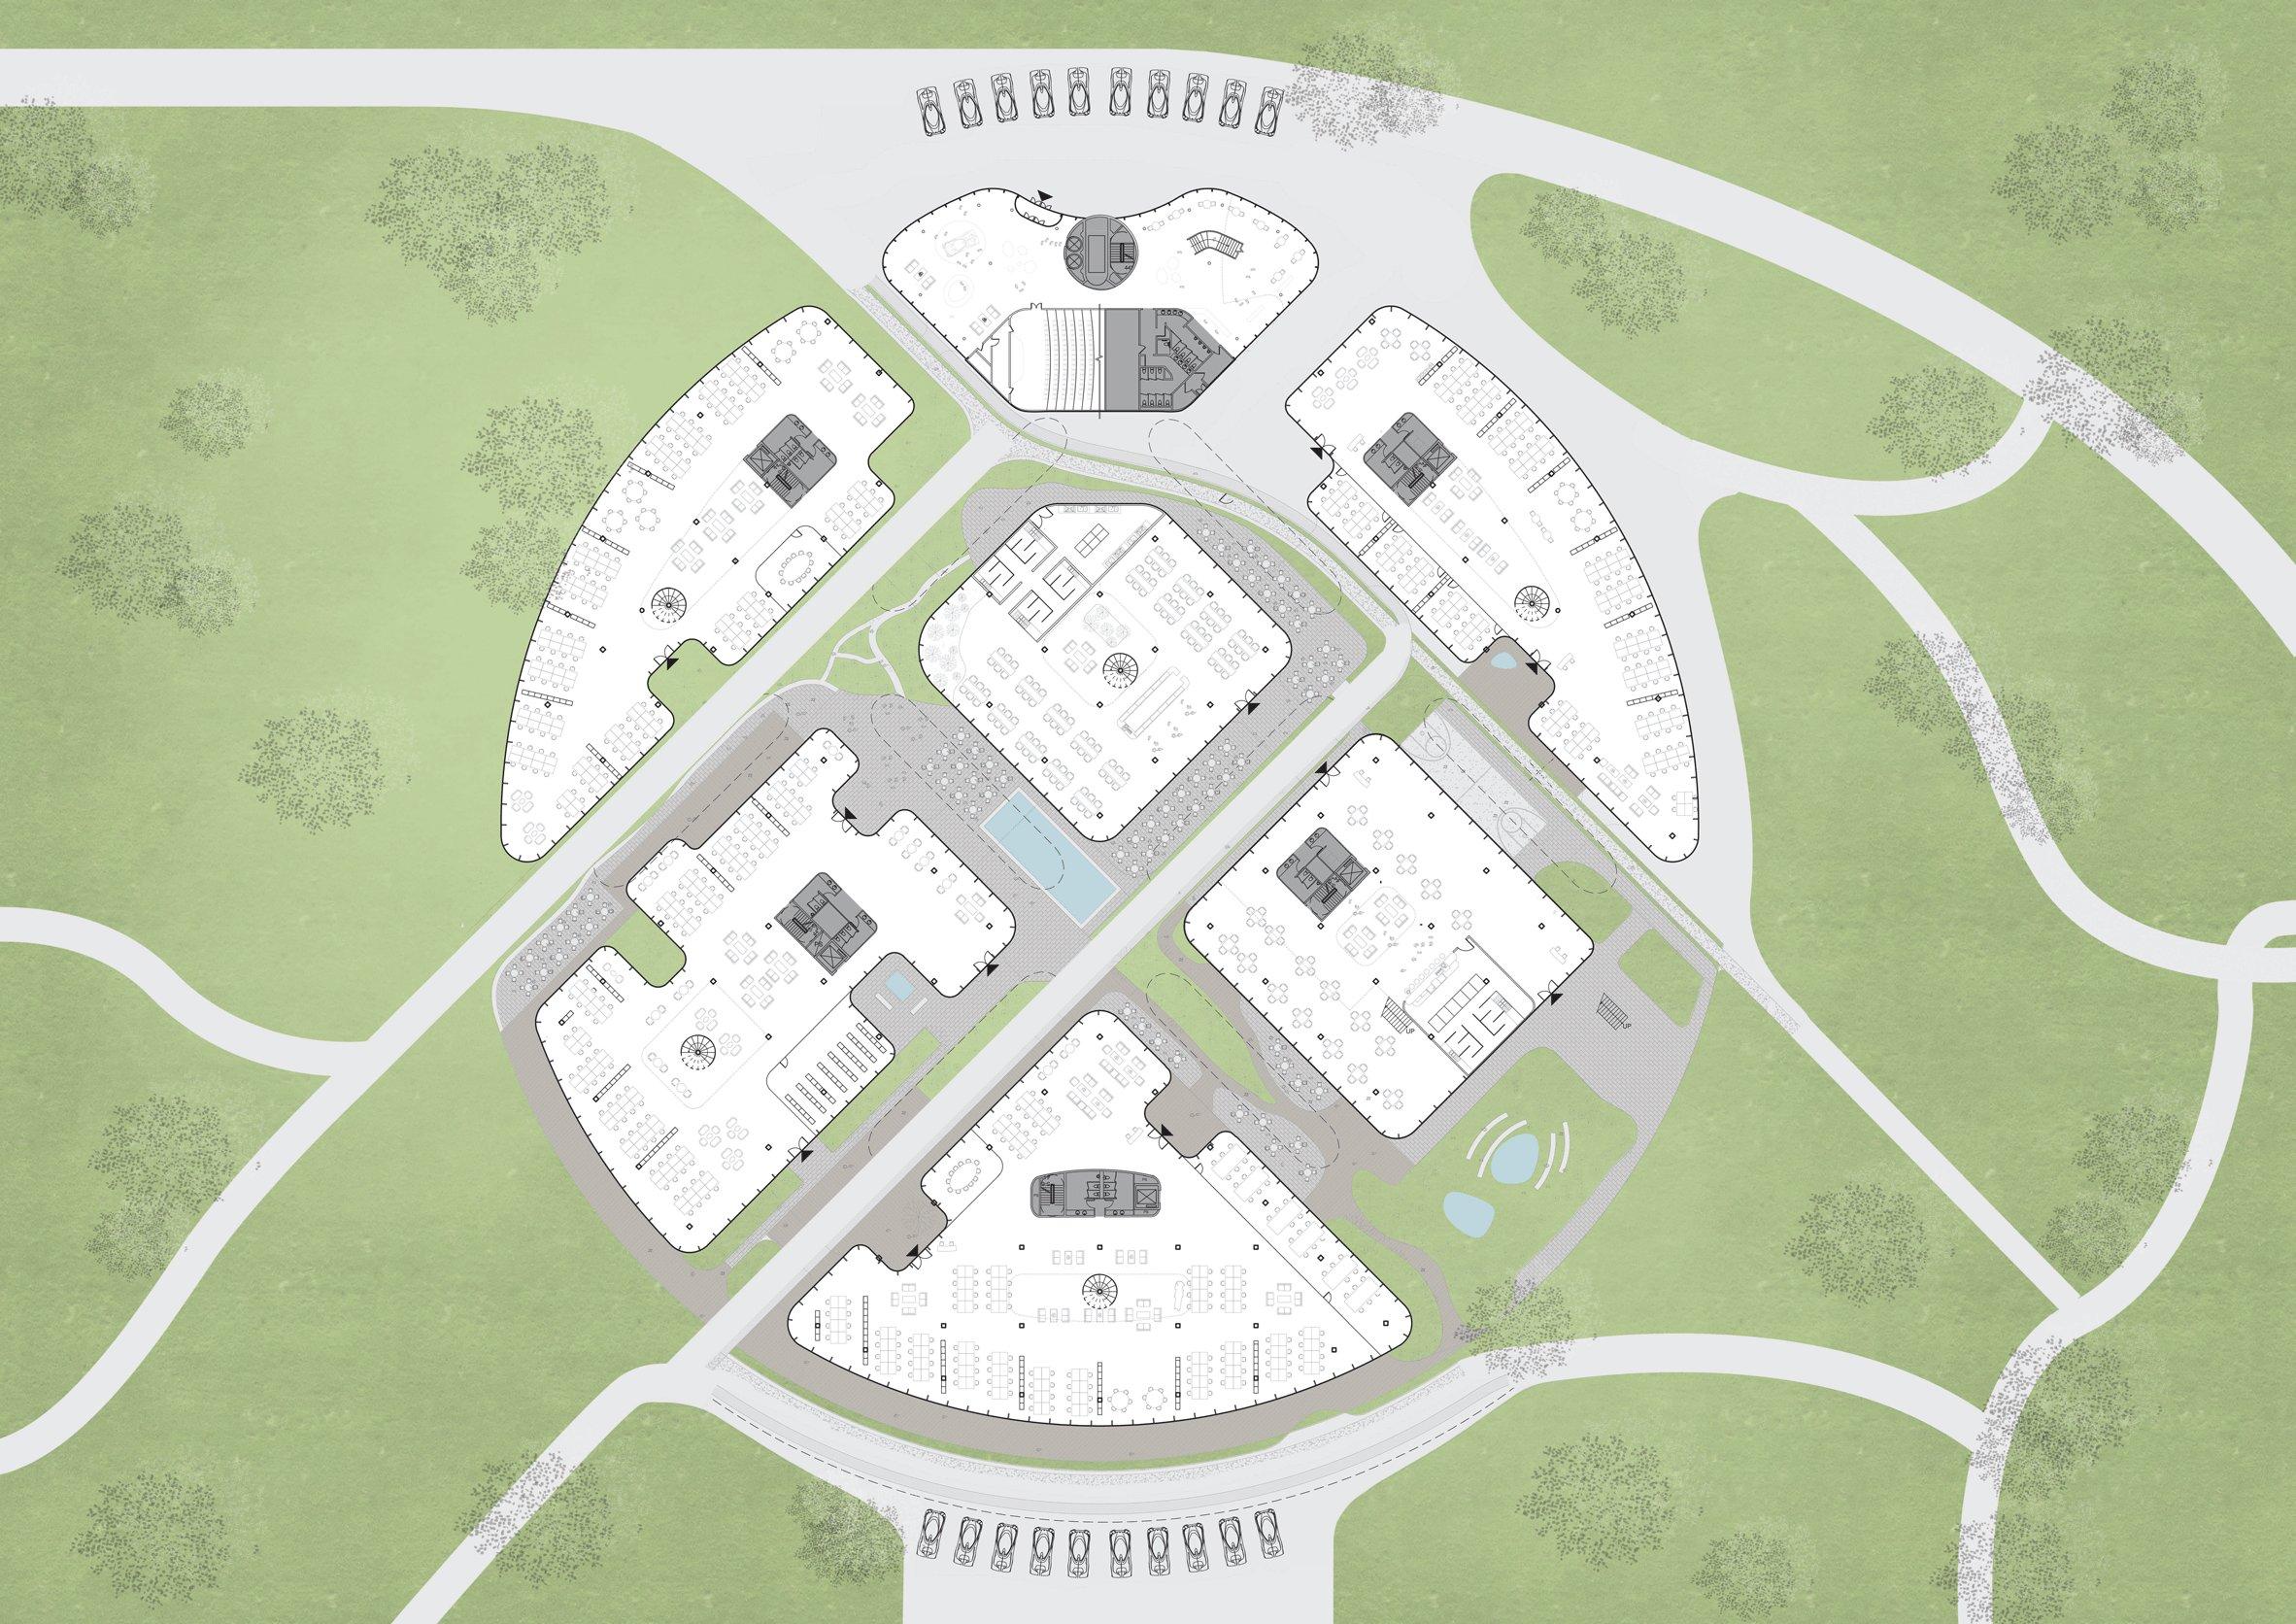 Кампус спроектирован в форме круга, разбитого на сектора. Площадь территории — около 130 тыс. кв. м, площадь зданий — 20 тыс. кв. м